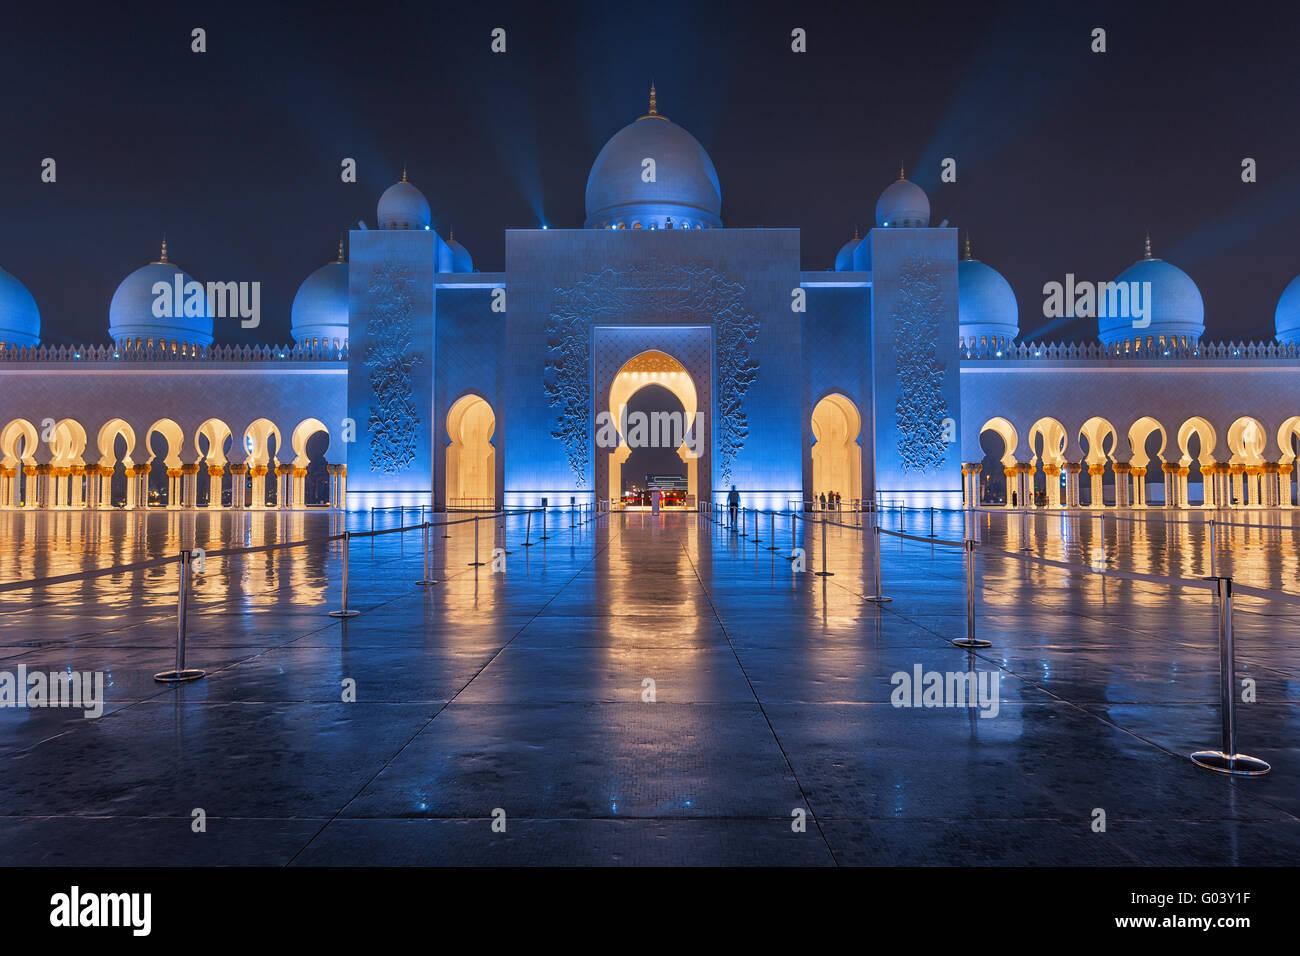 La Grande Mosquée Sheikh Zayed la nuit couverte de belles lumières bleues et les rayons de lumière Banque D'Images